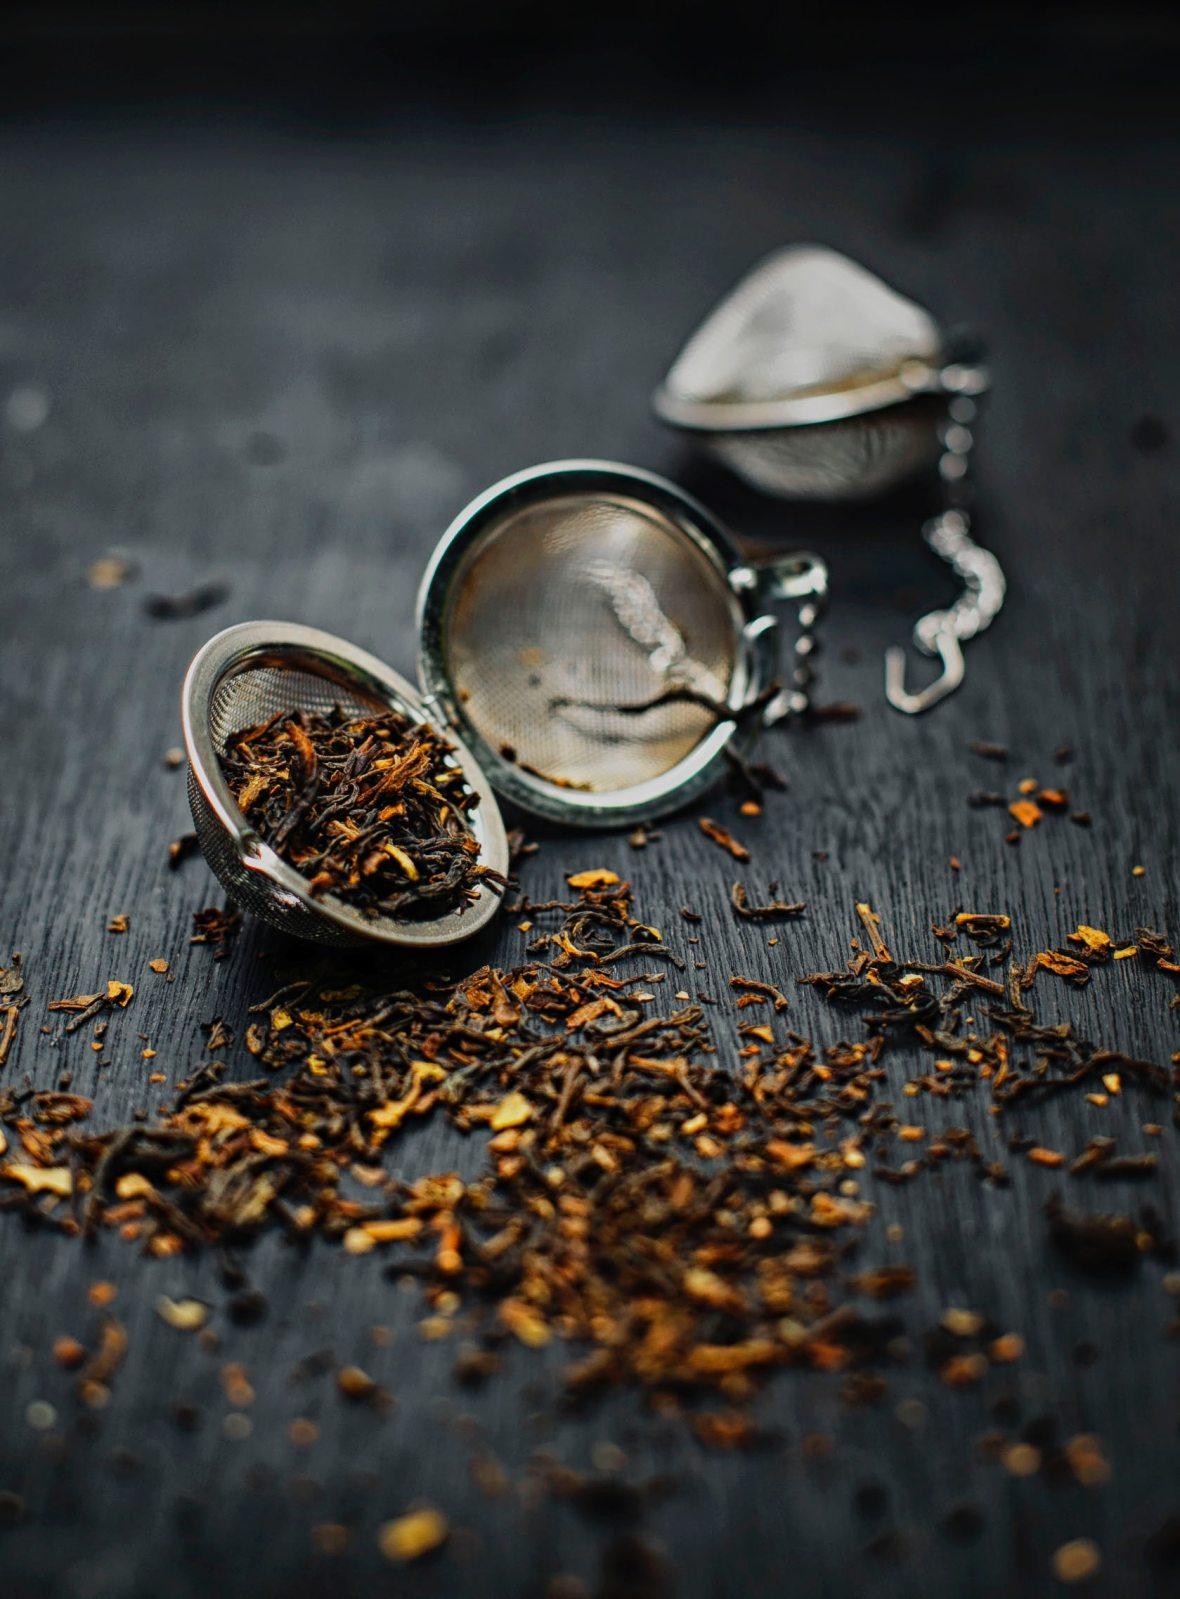 teas and tisanes